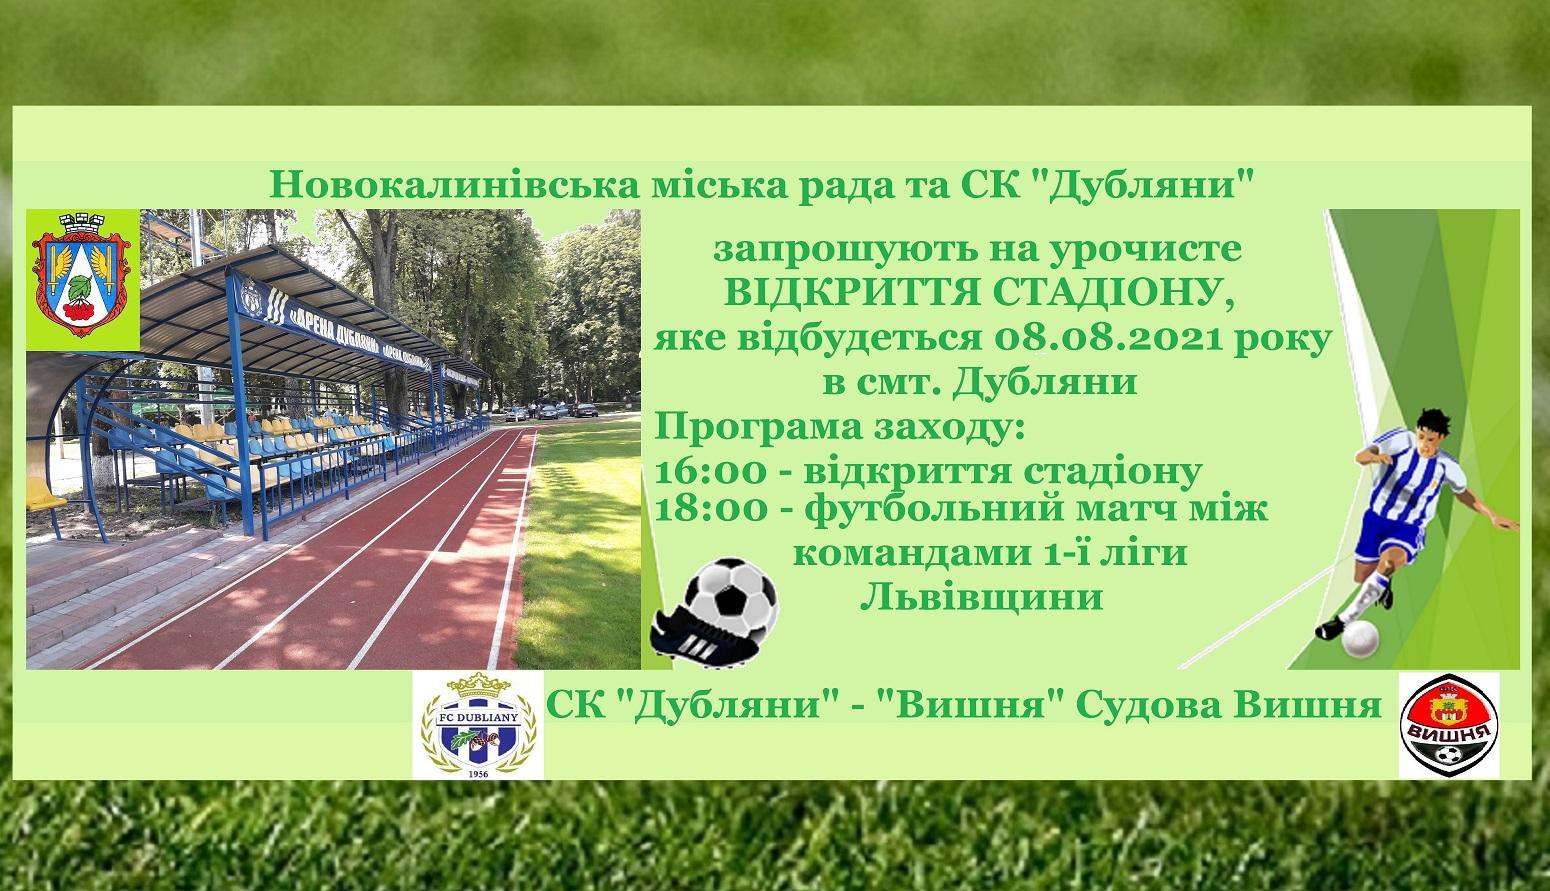 Vidkryttia stadionu Dubliany Novokalynivska TH